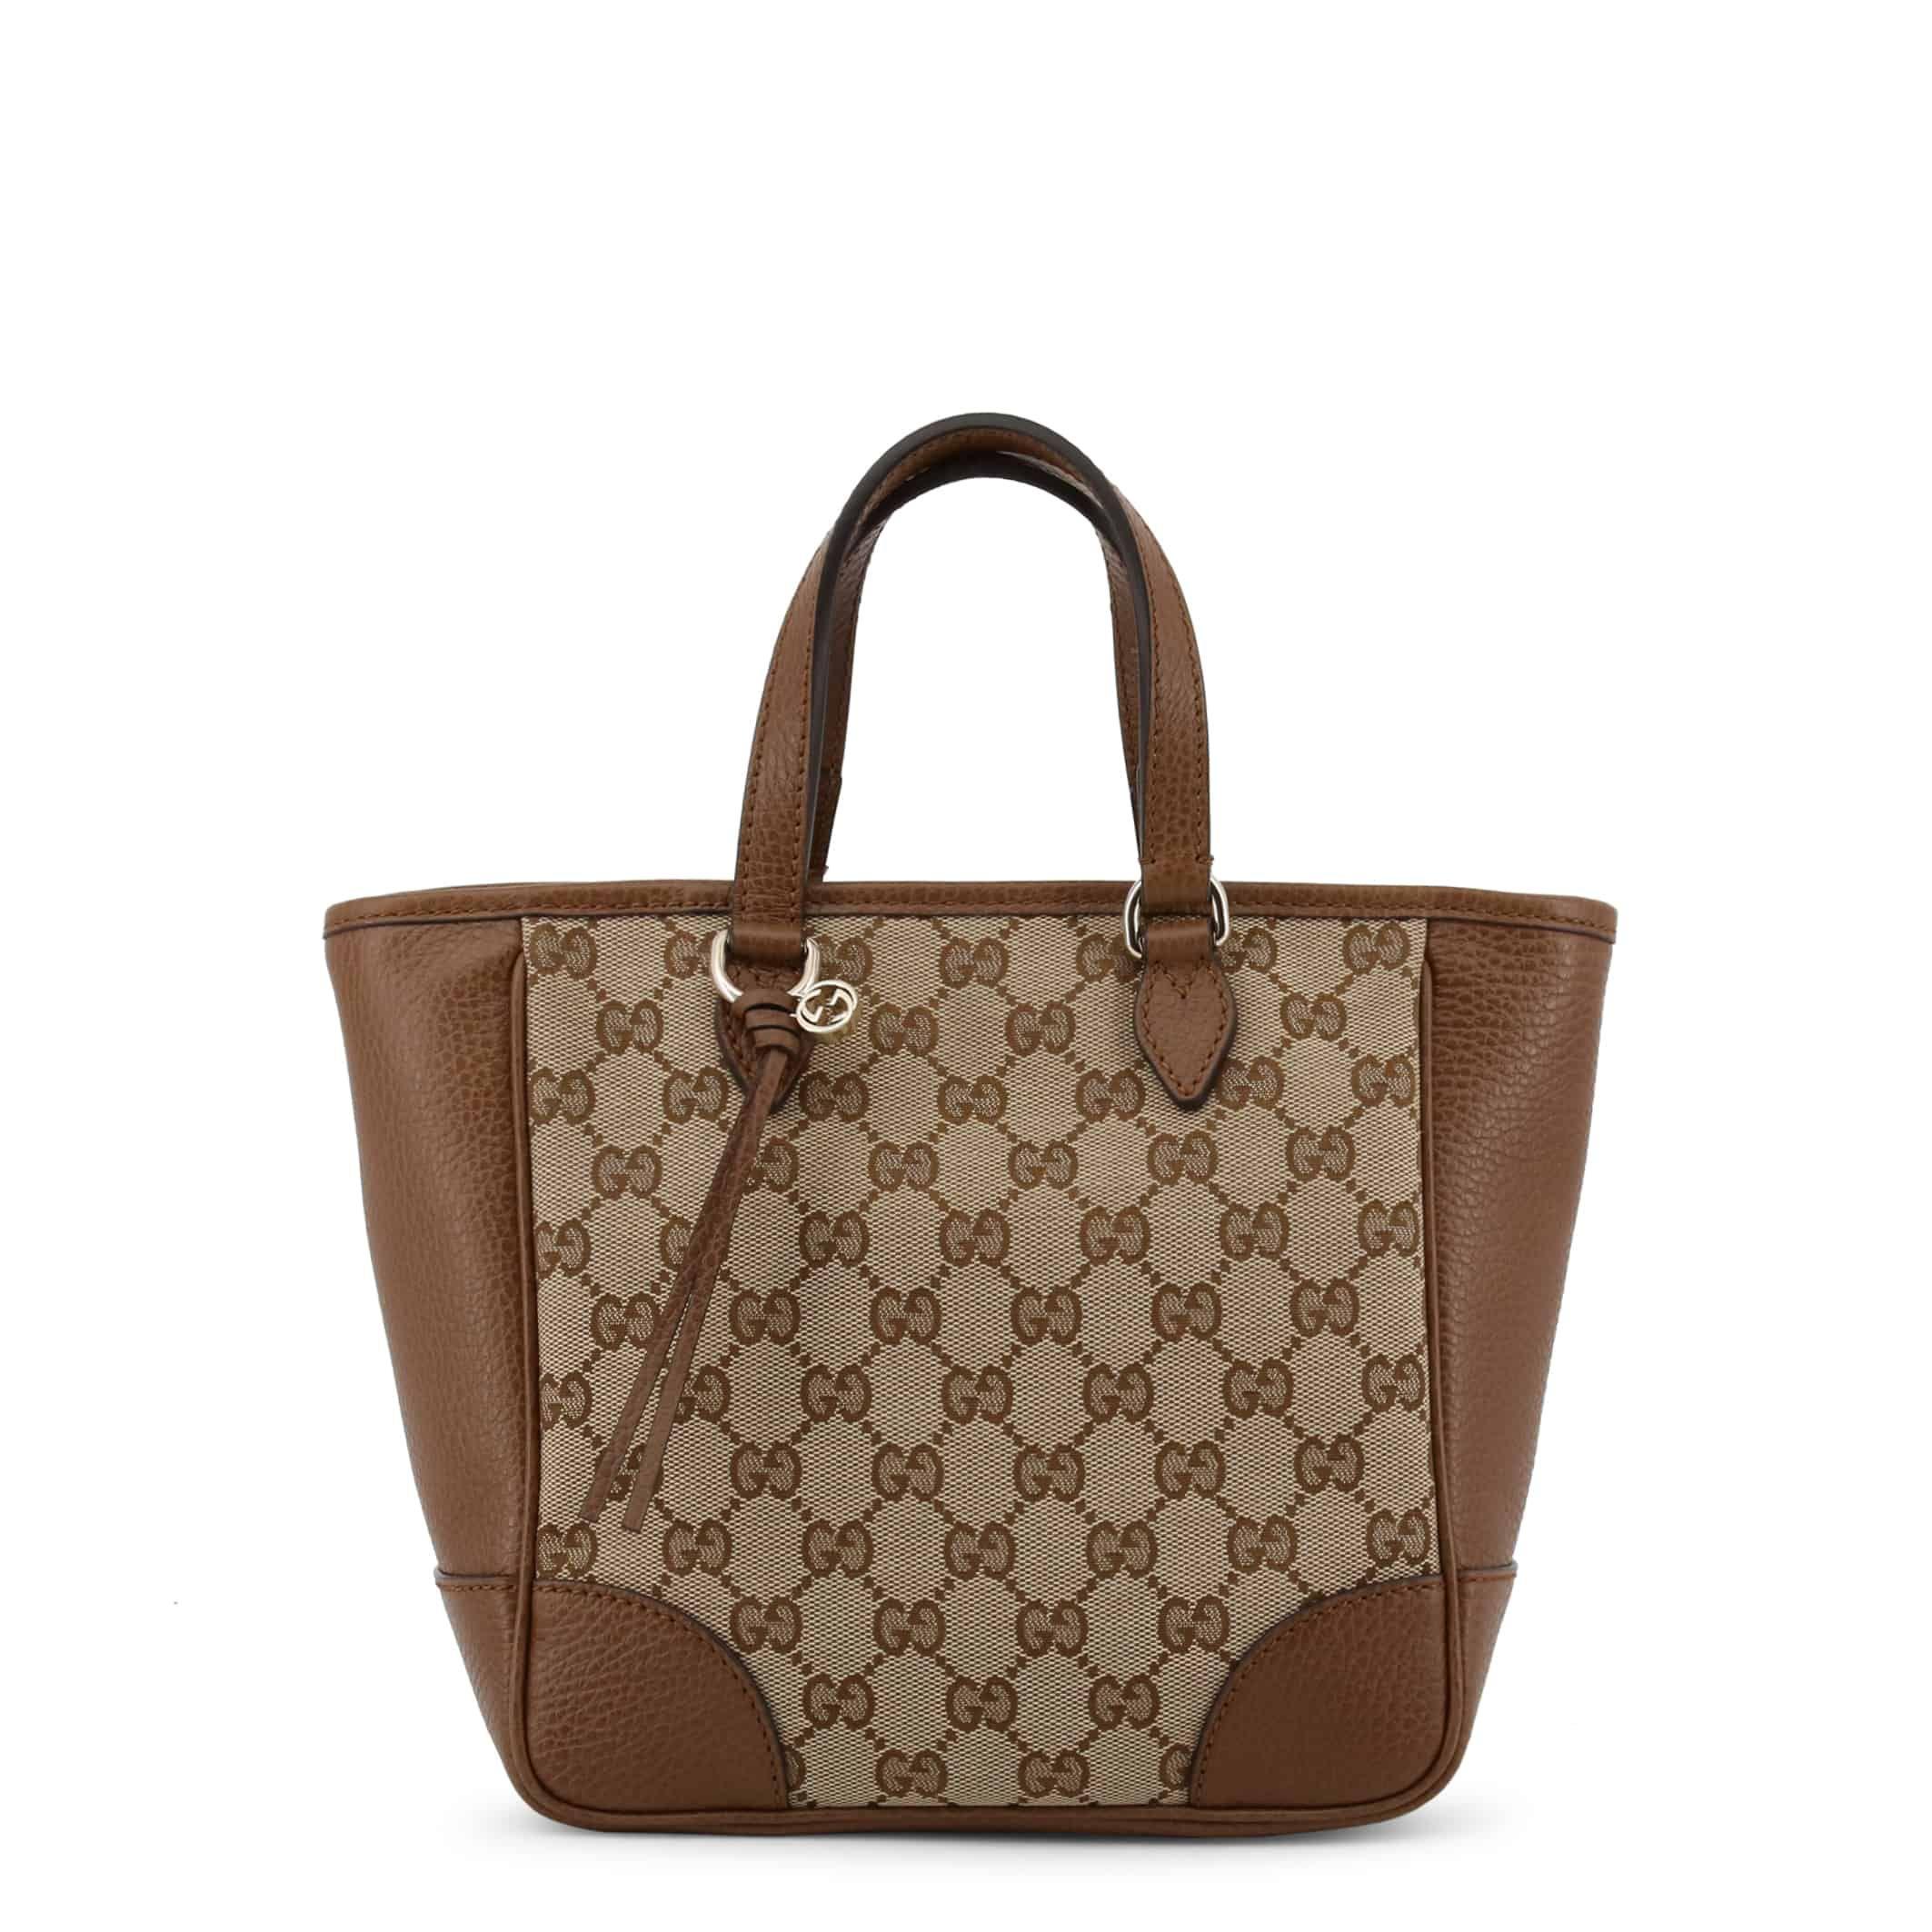 Sacs à main Gucci – 449241_KY9LG